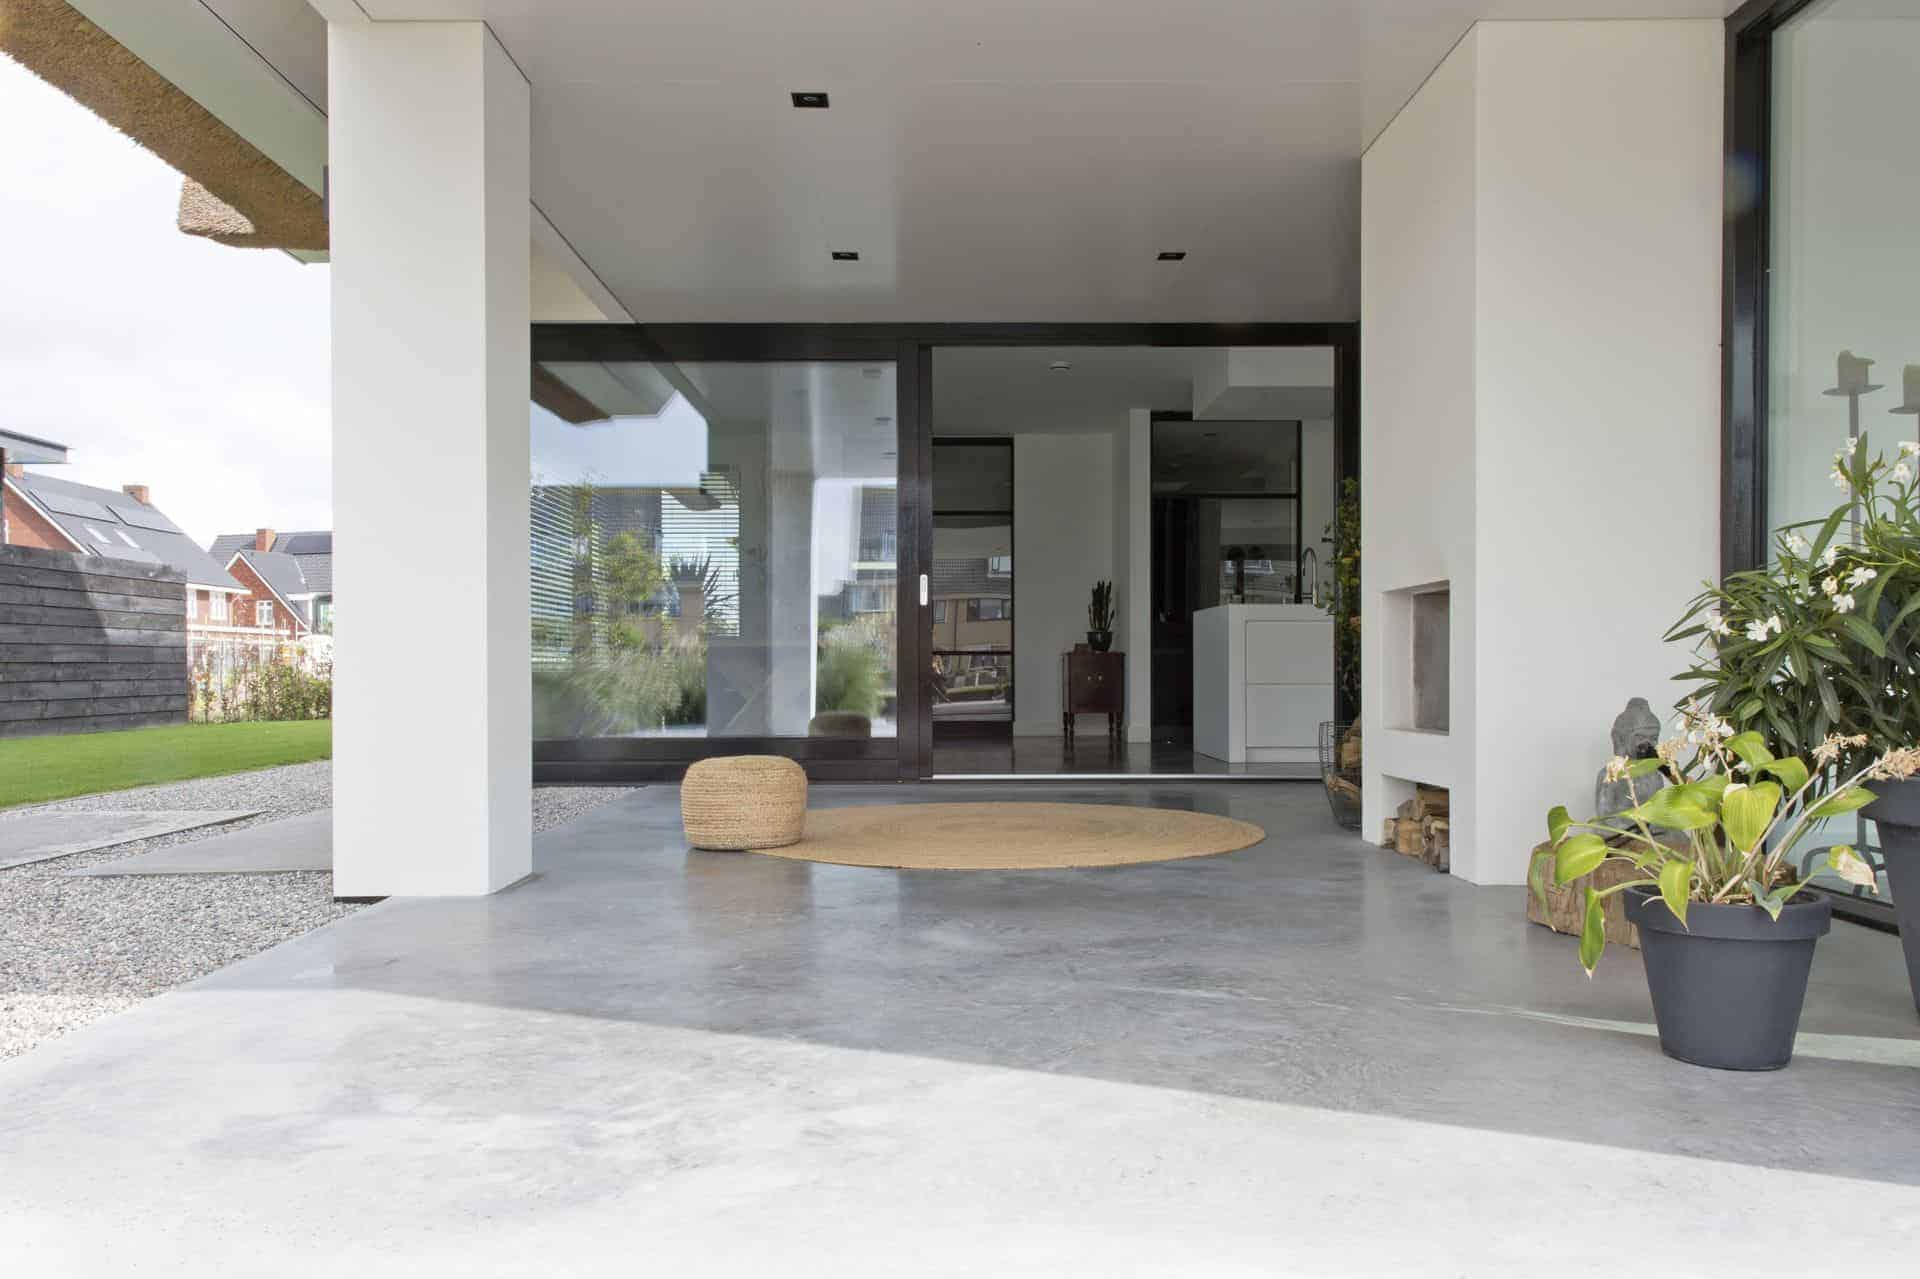 betonvloer buiten, doorlopende betonvloer naar buiten, gevlinderd beton terras, betonvloer onder afdak